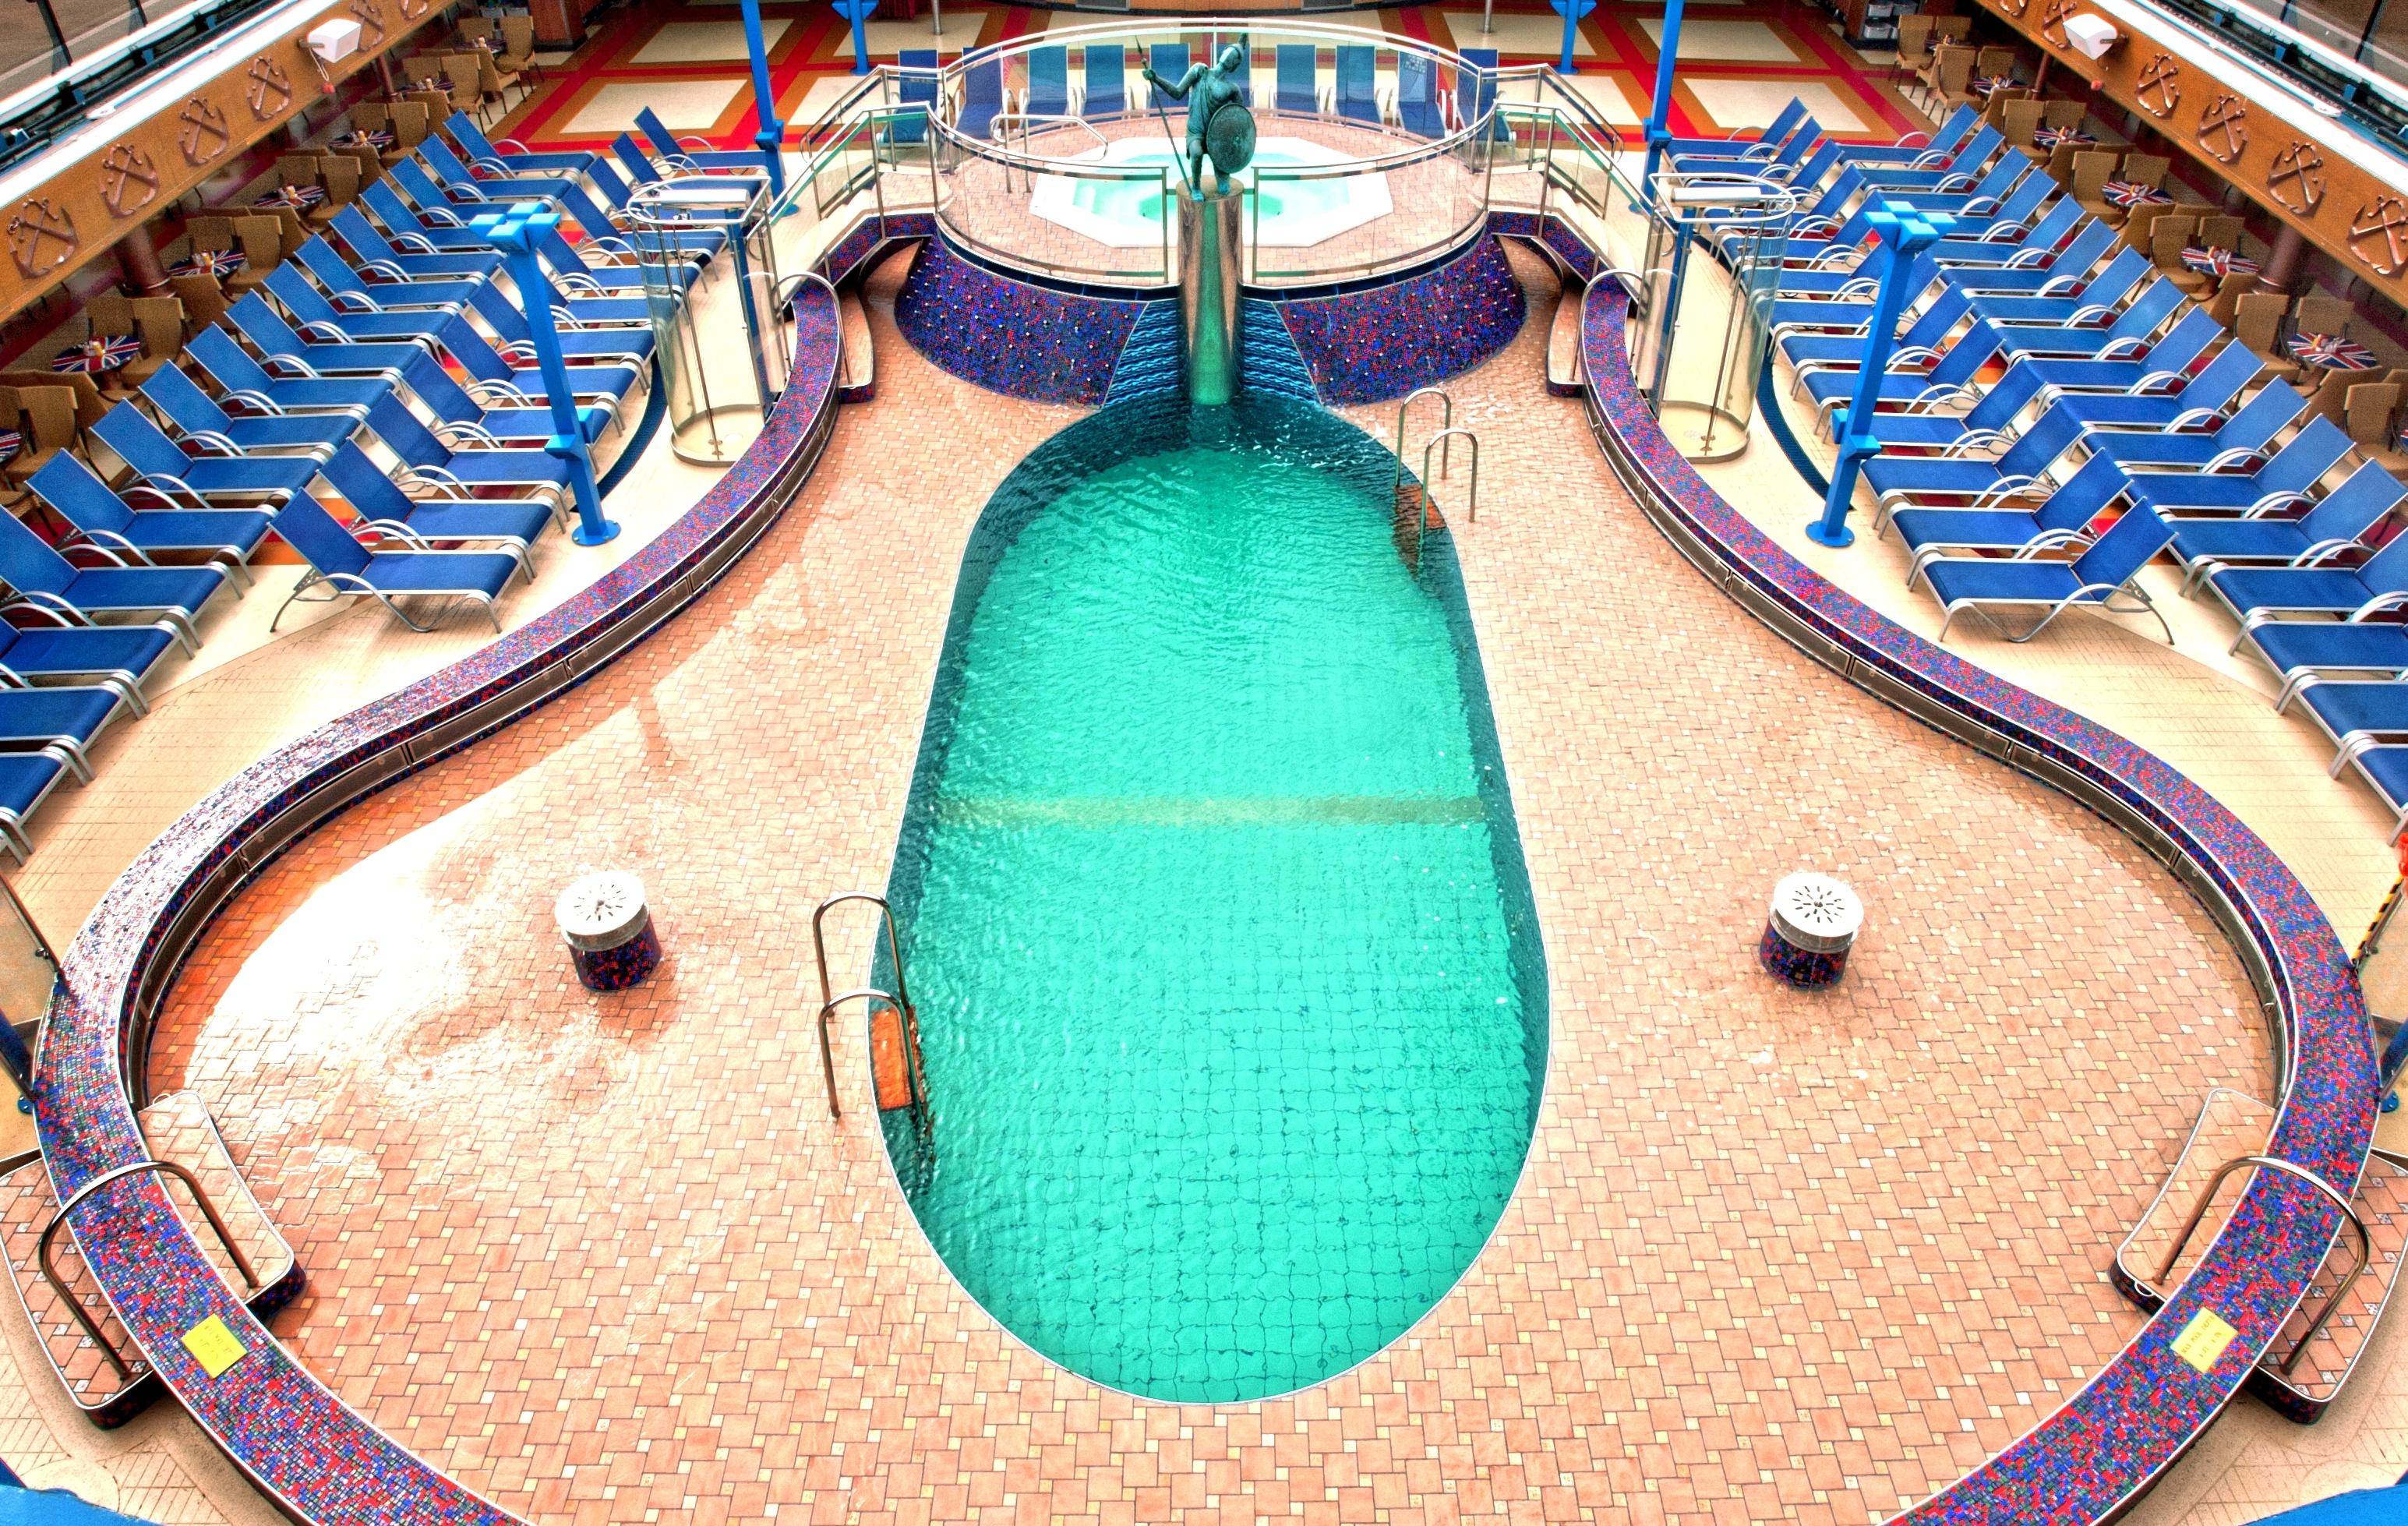 Carnival Miracle Ulysses Pool 3.jpg